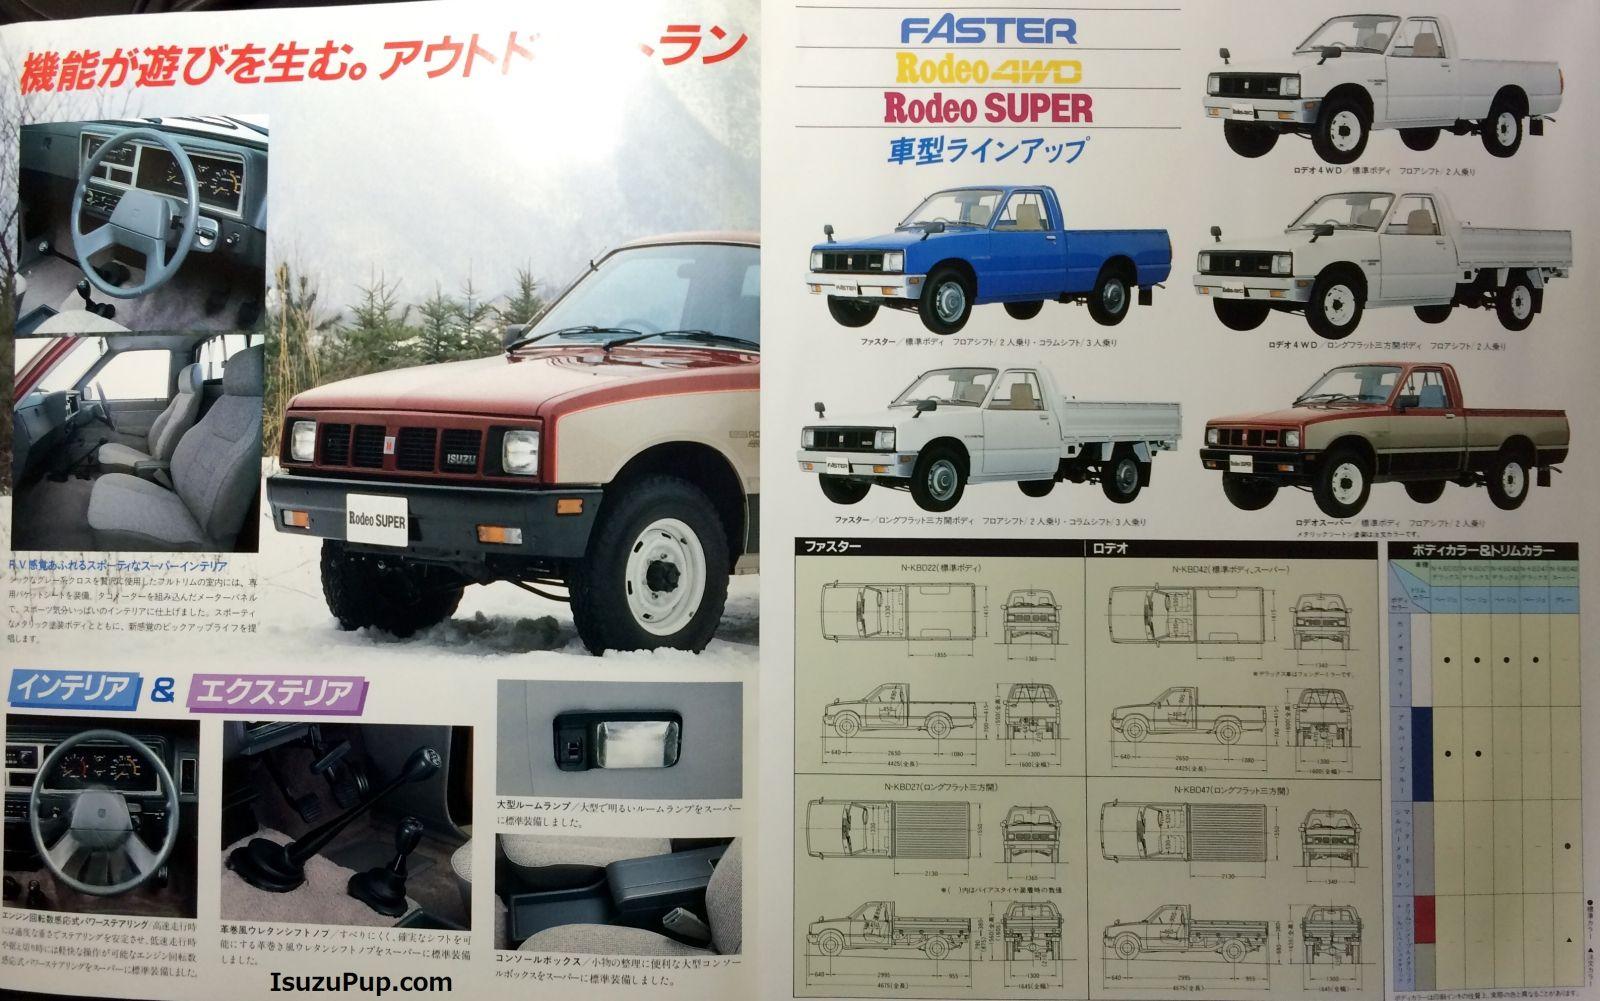 1985 Isuzu Faster, Rodeo 4WD, Rodeo Super 004.jpg